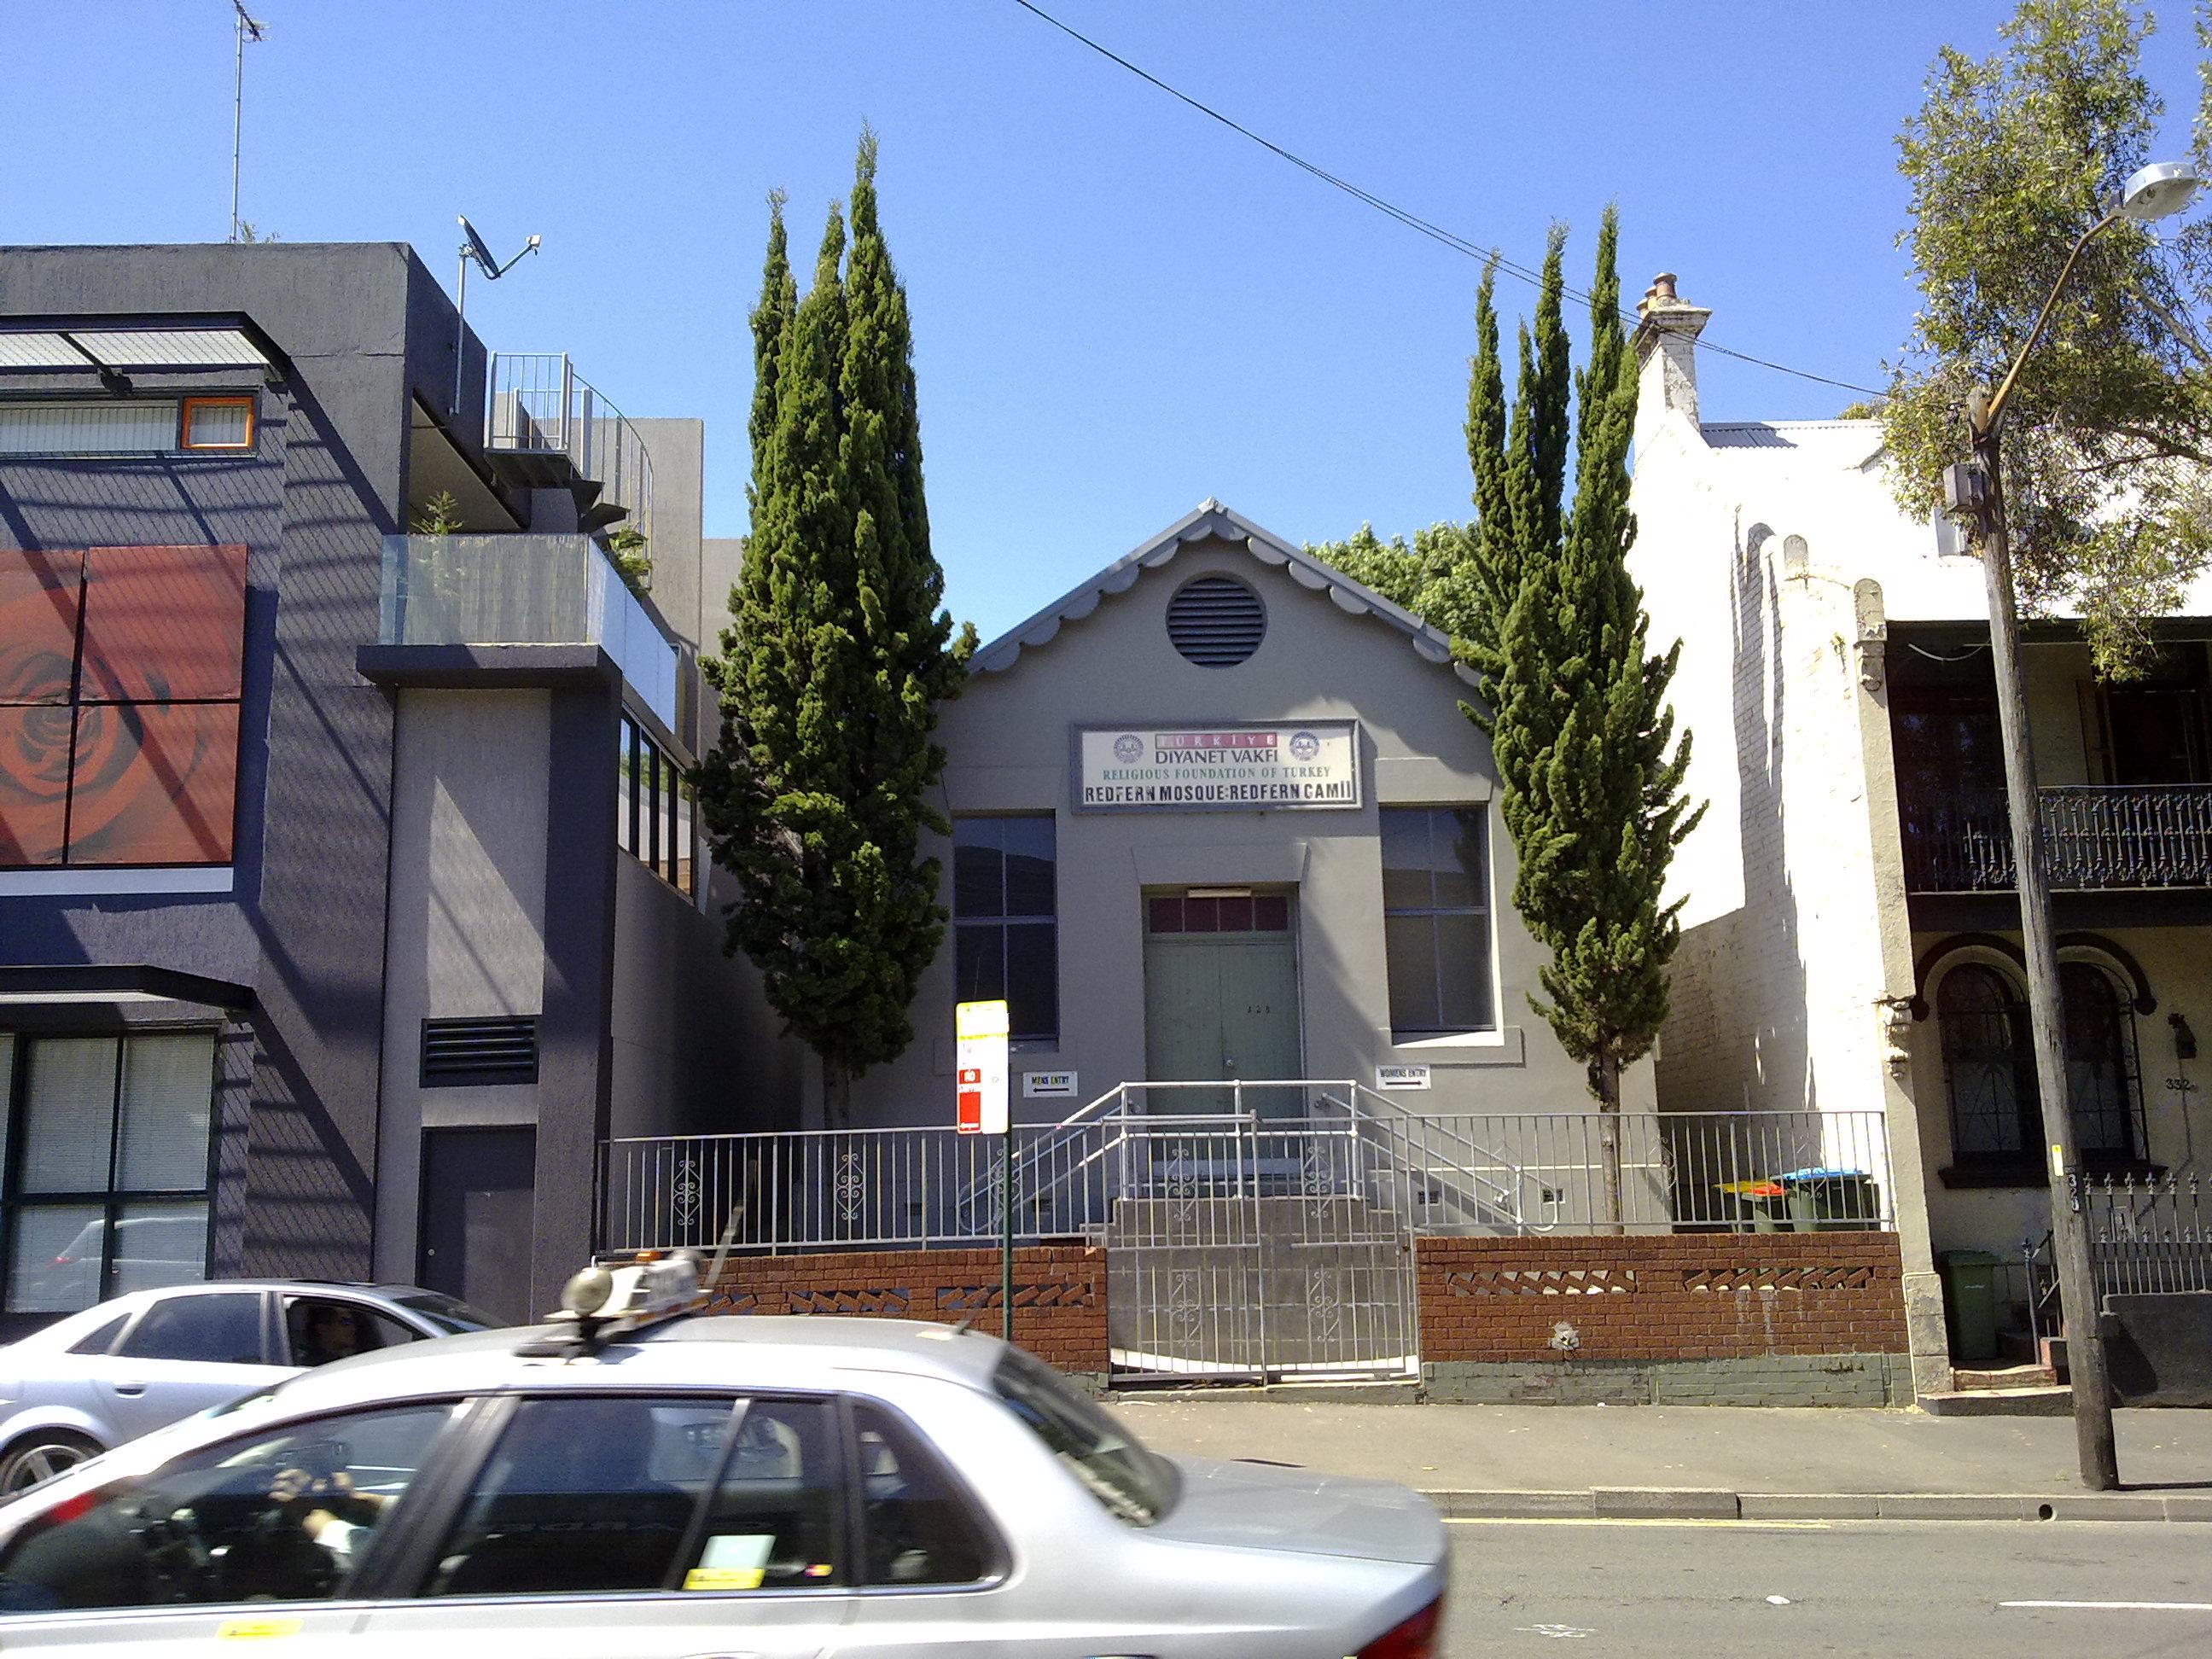 Redfern Mosque, Cleveland Street, Redfern